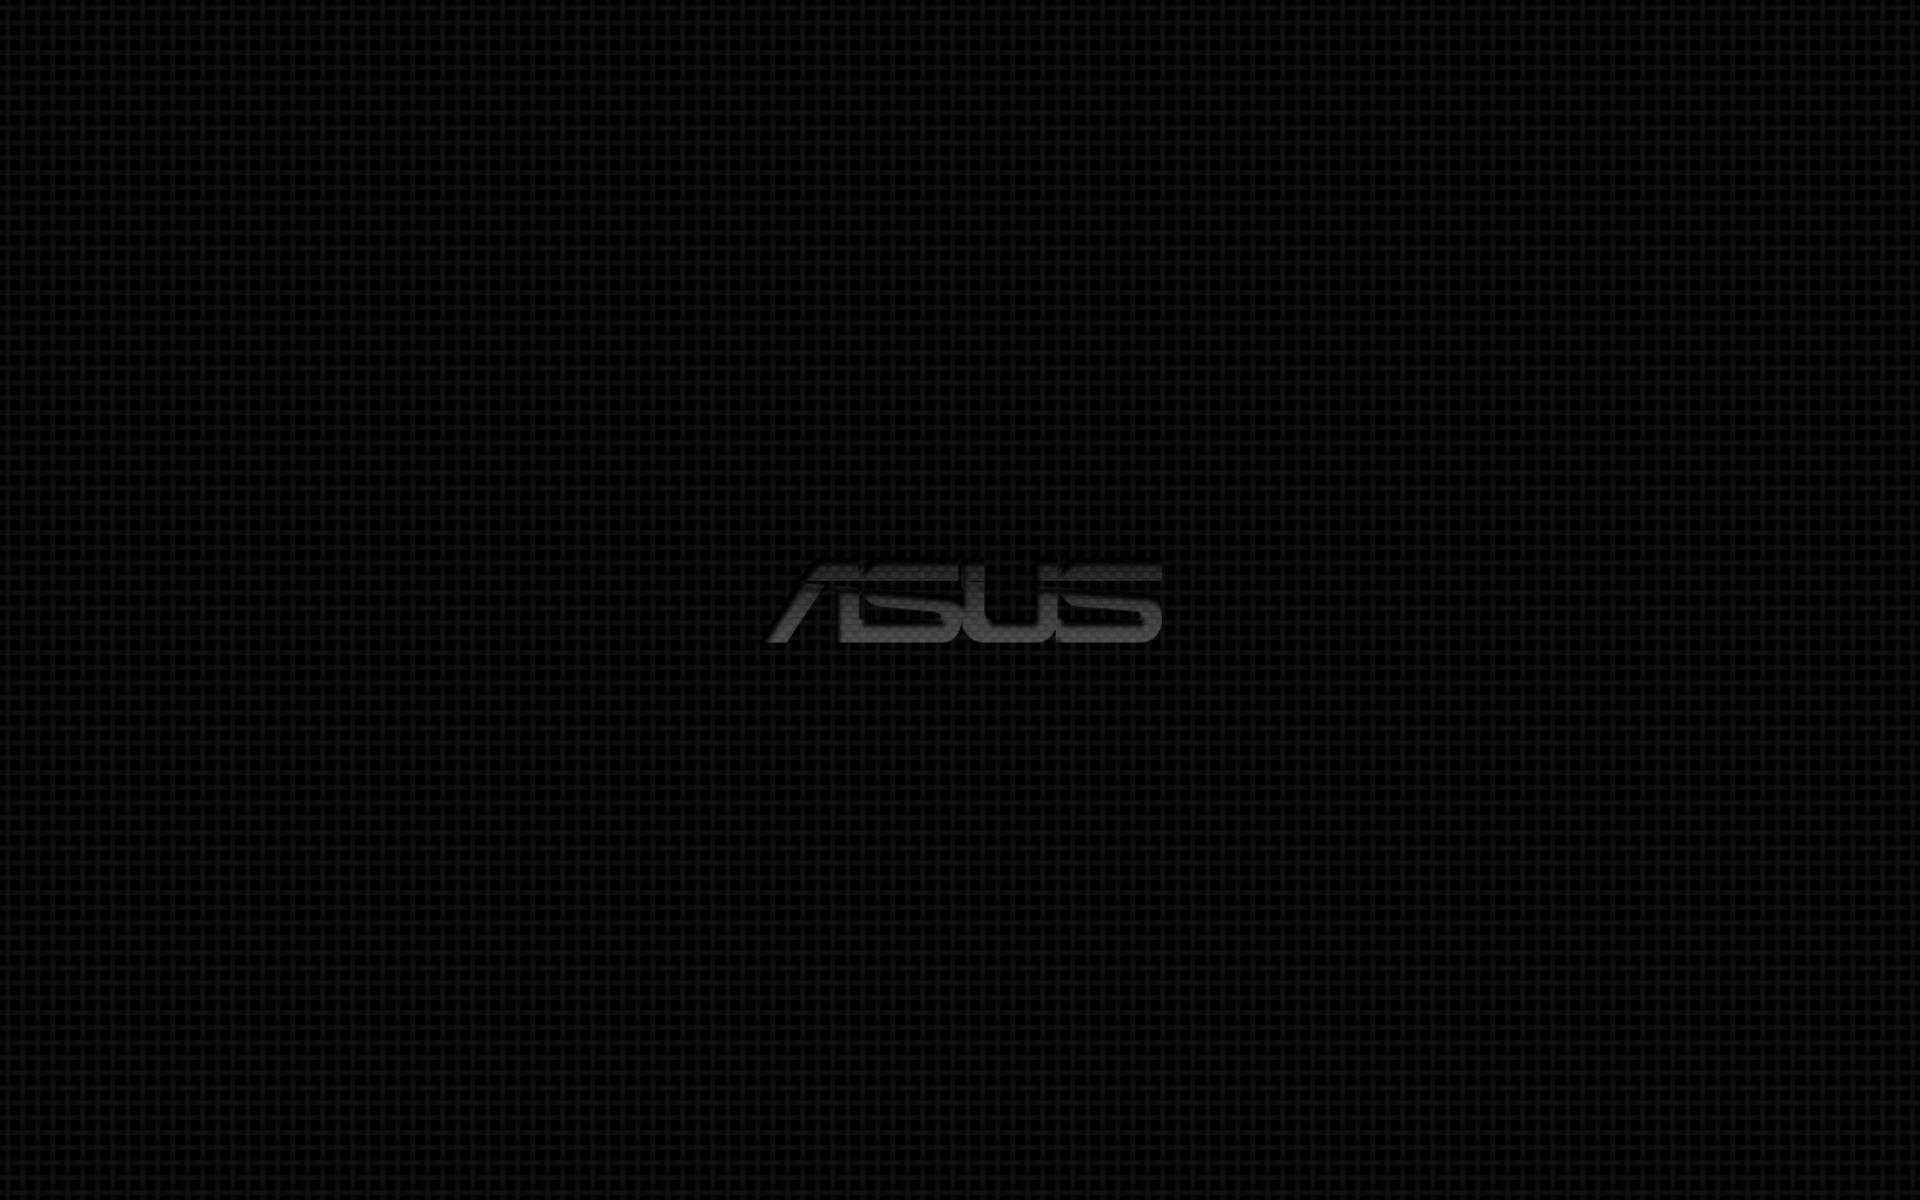 ASUS Wallpaper Full HD - WallpaperSafari